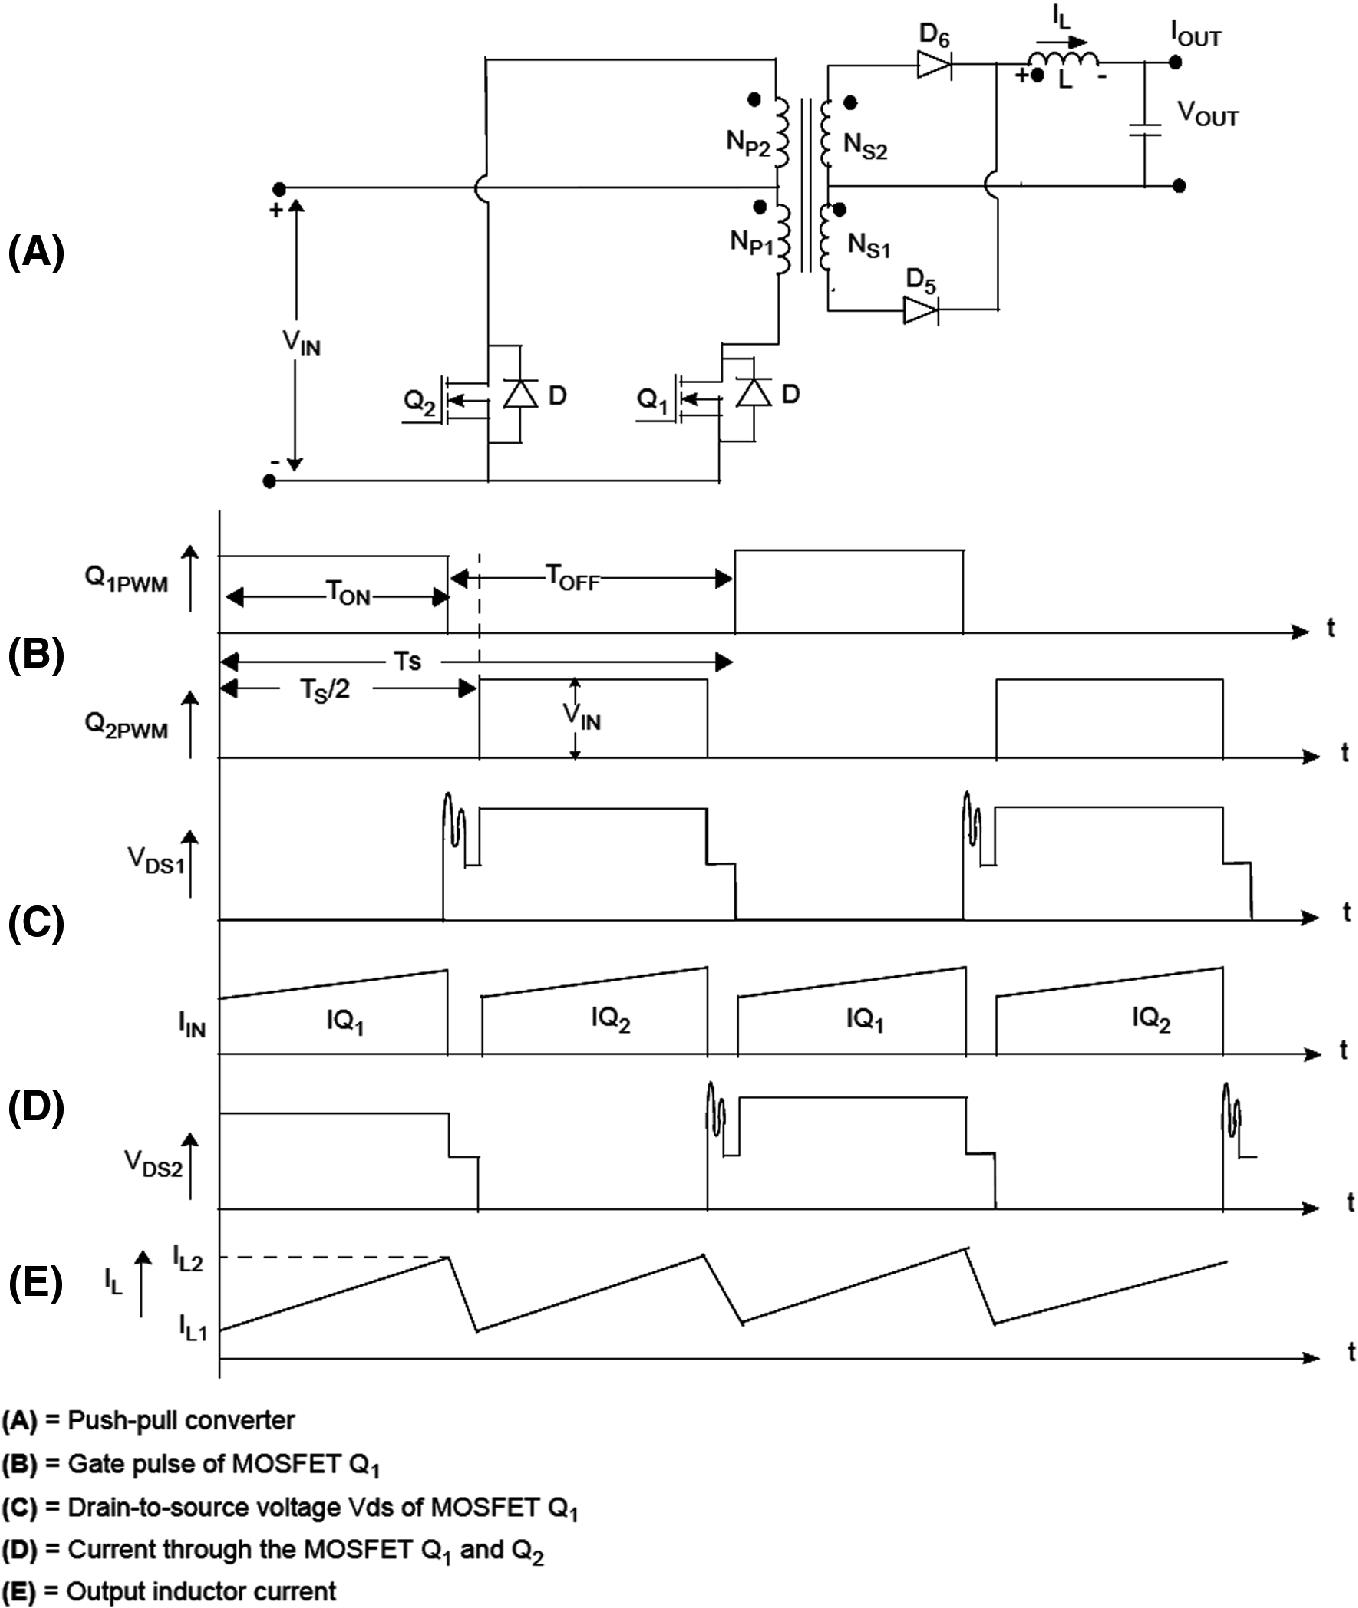 Power Electronics for Practical Implementation of PV MPPT   SpringerLink